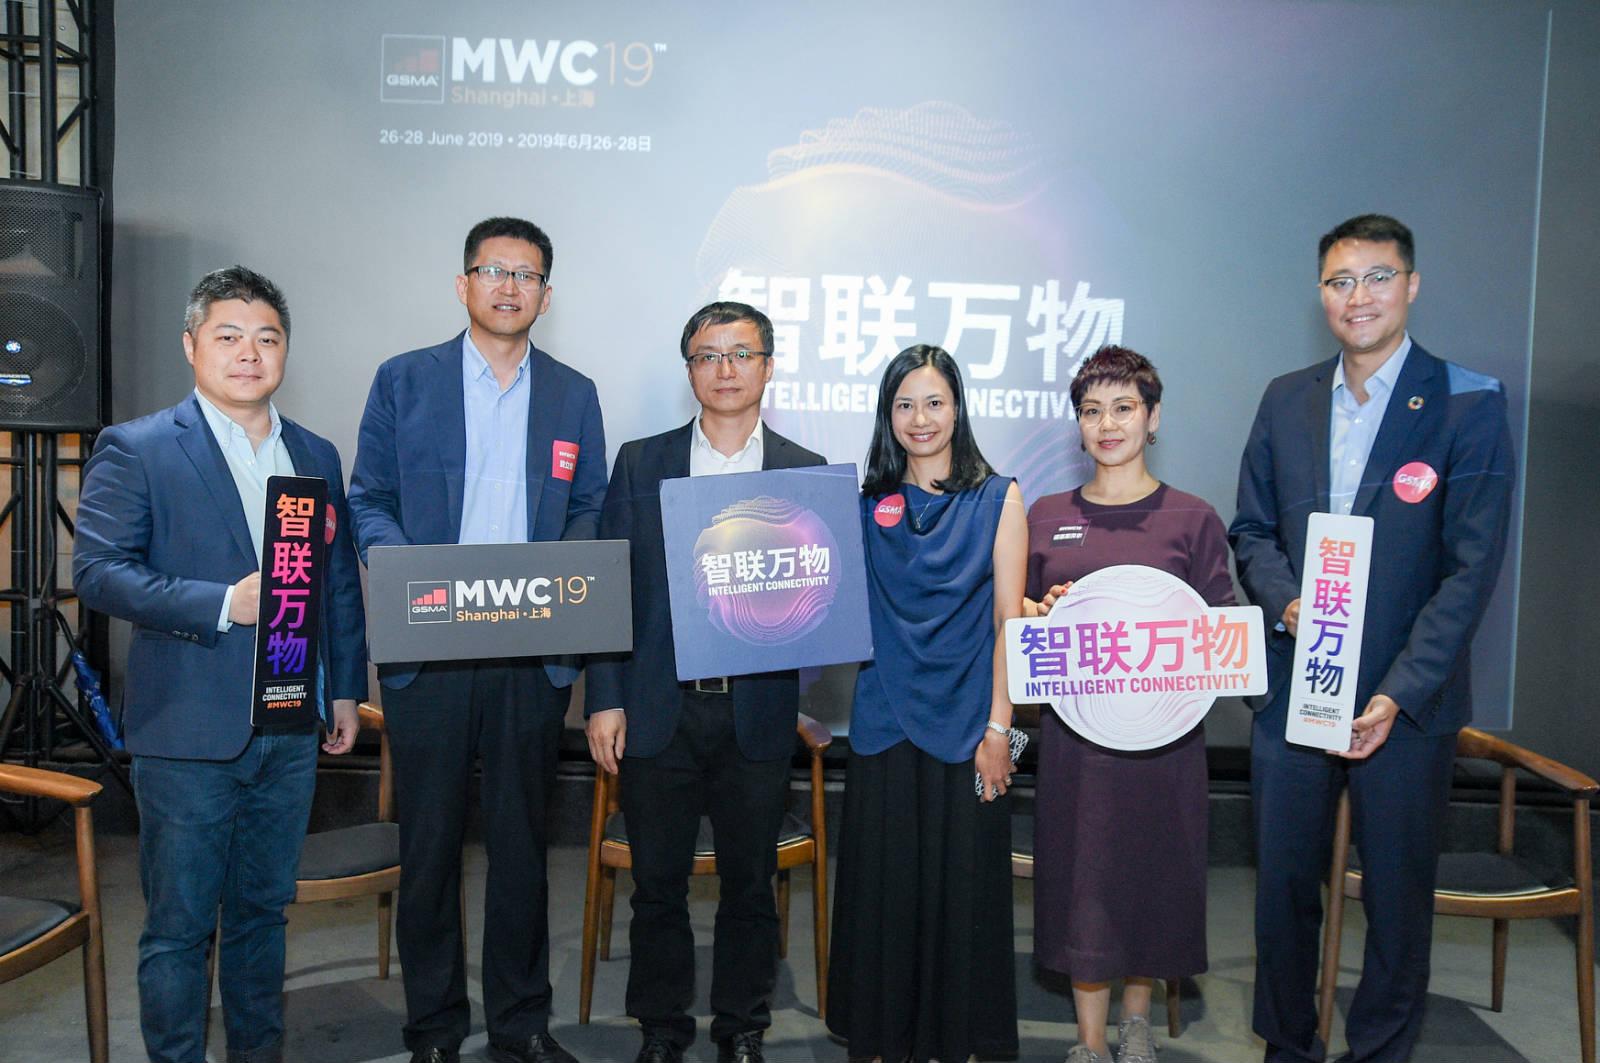 MWC19上海|专家:中国引领5G创新需做到差异化